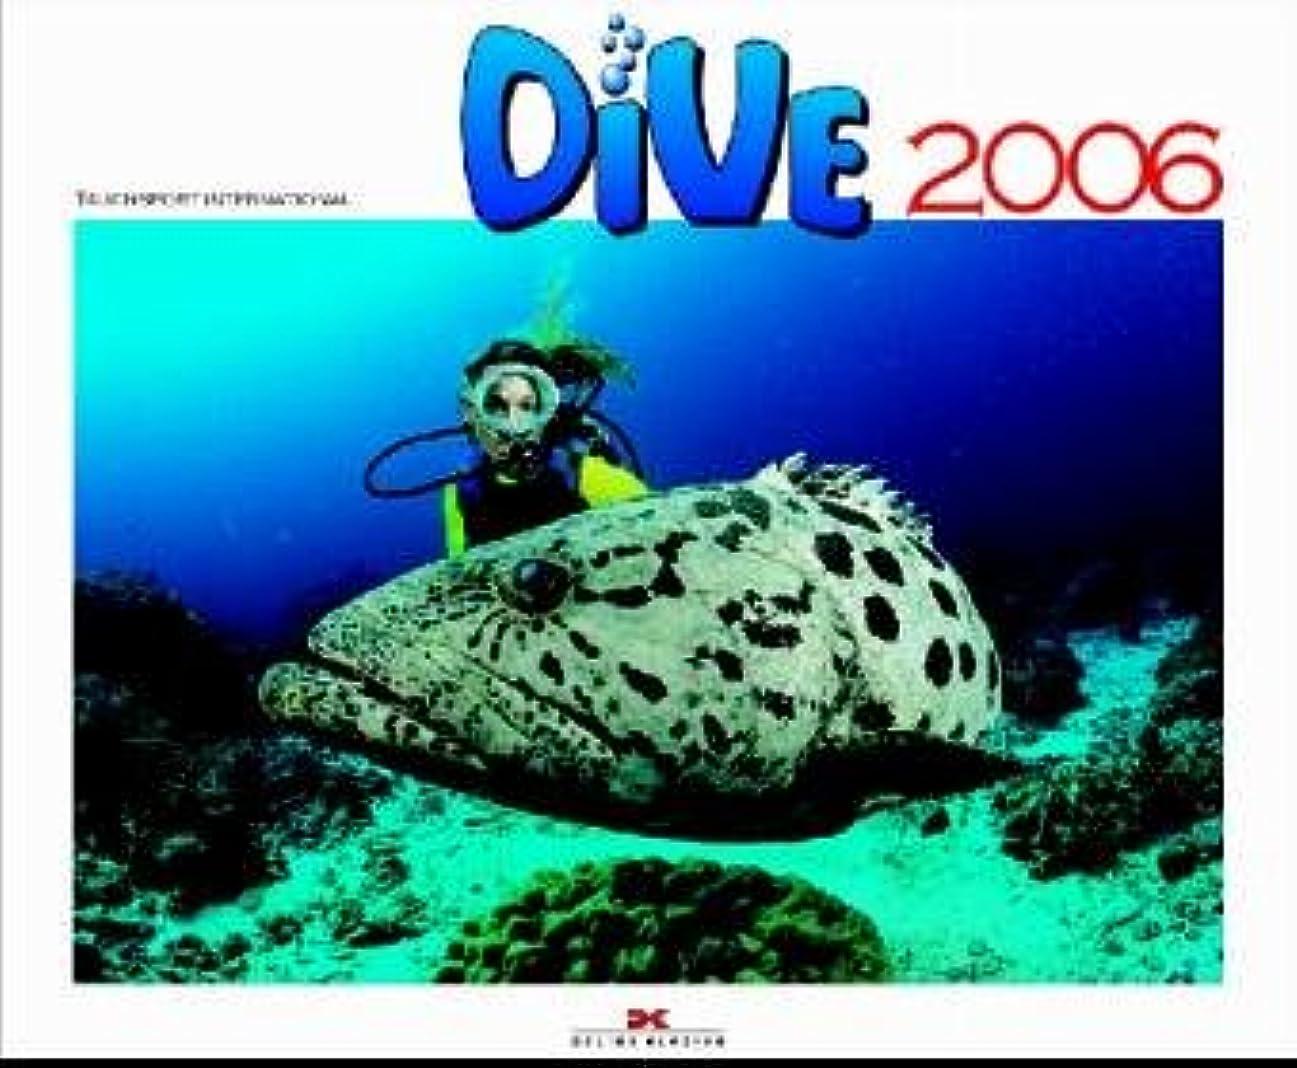 入植者余計な小数Dive 2006. Tauchsport international.